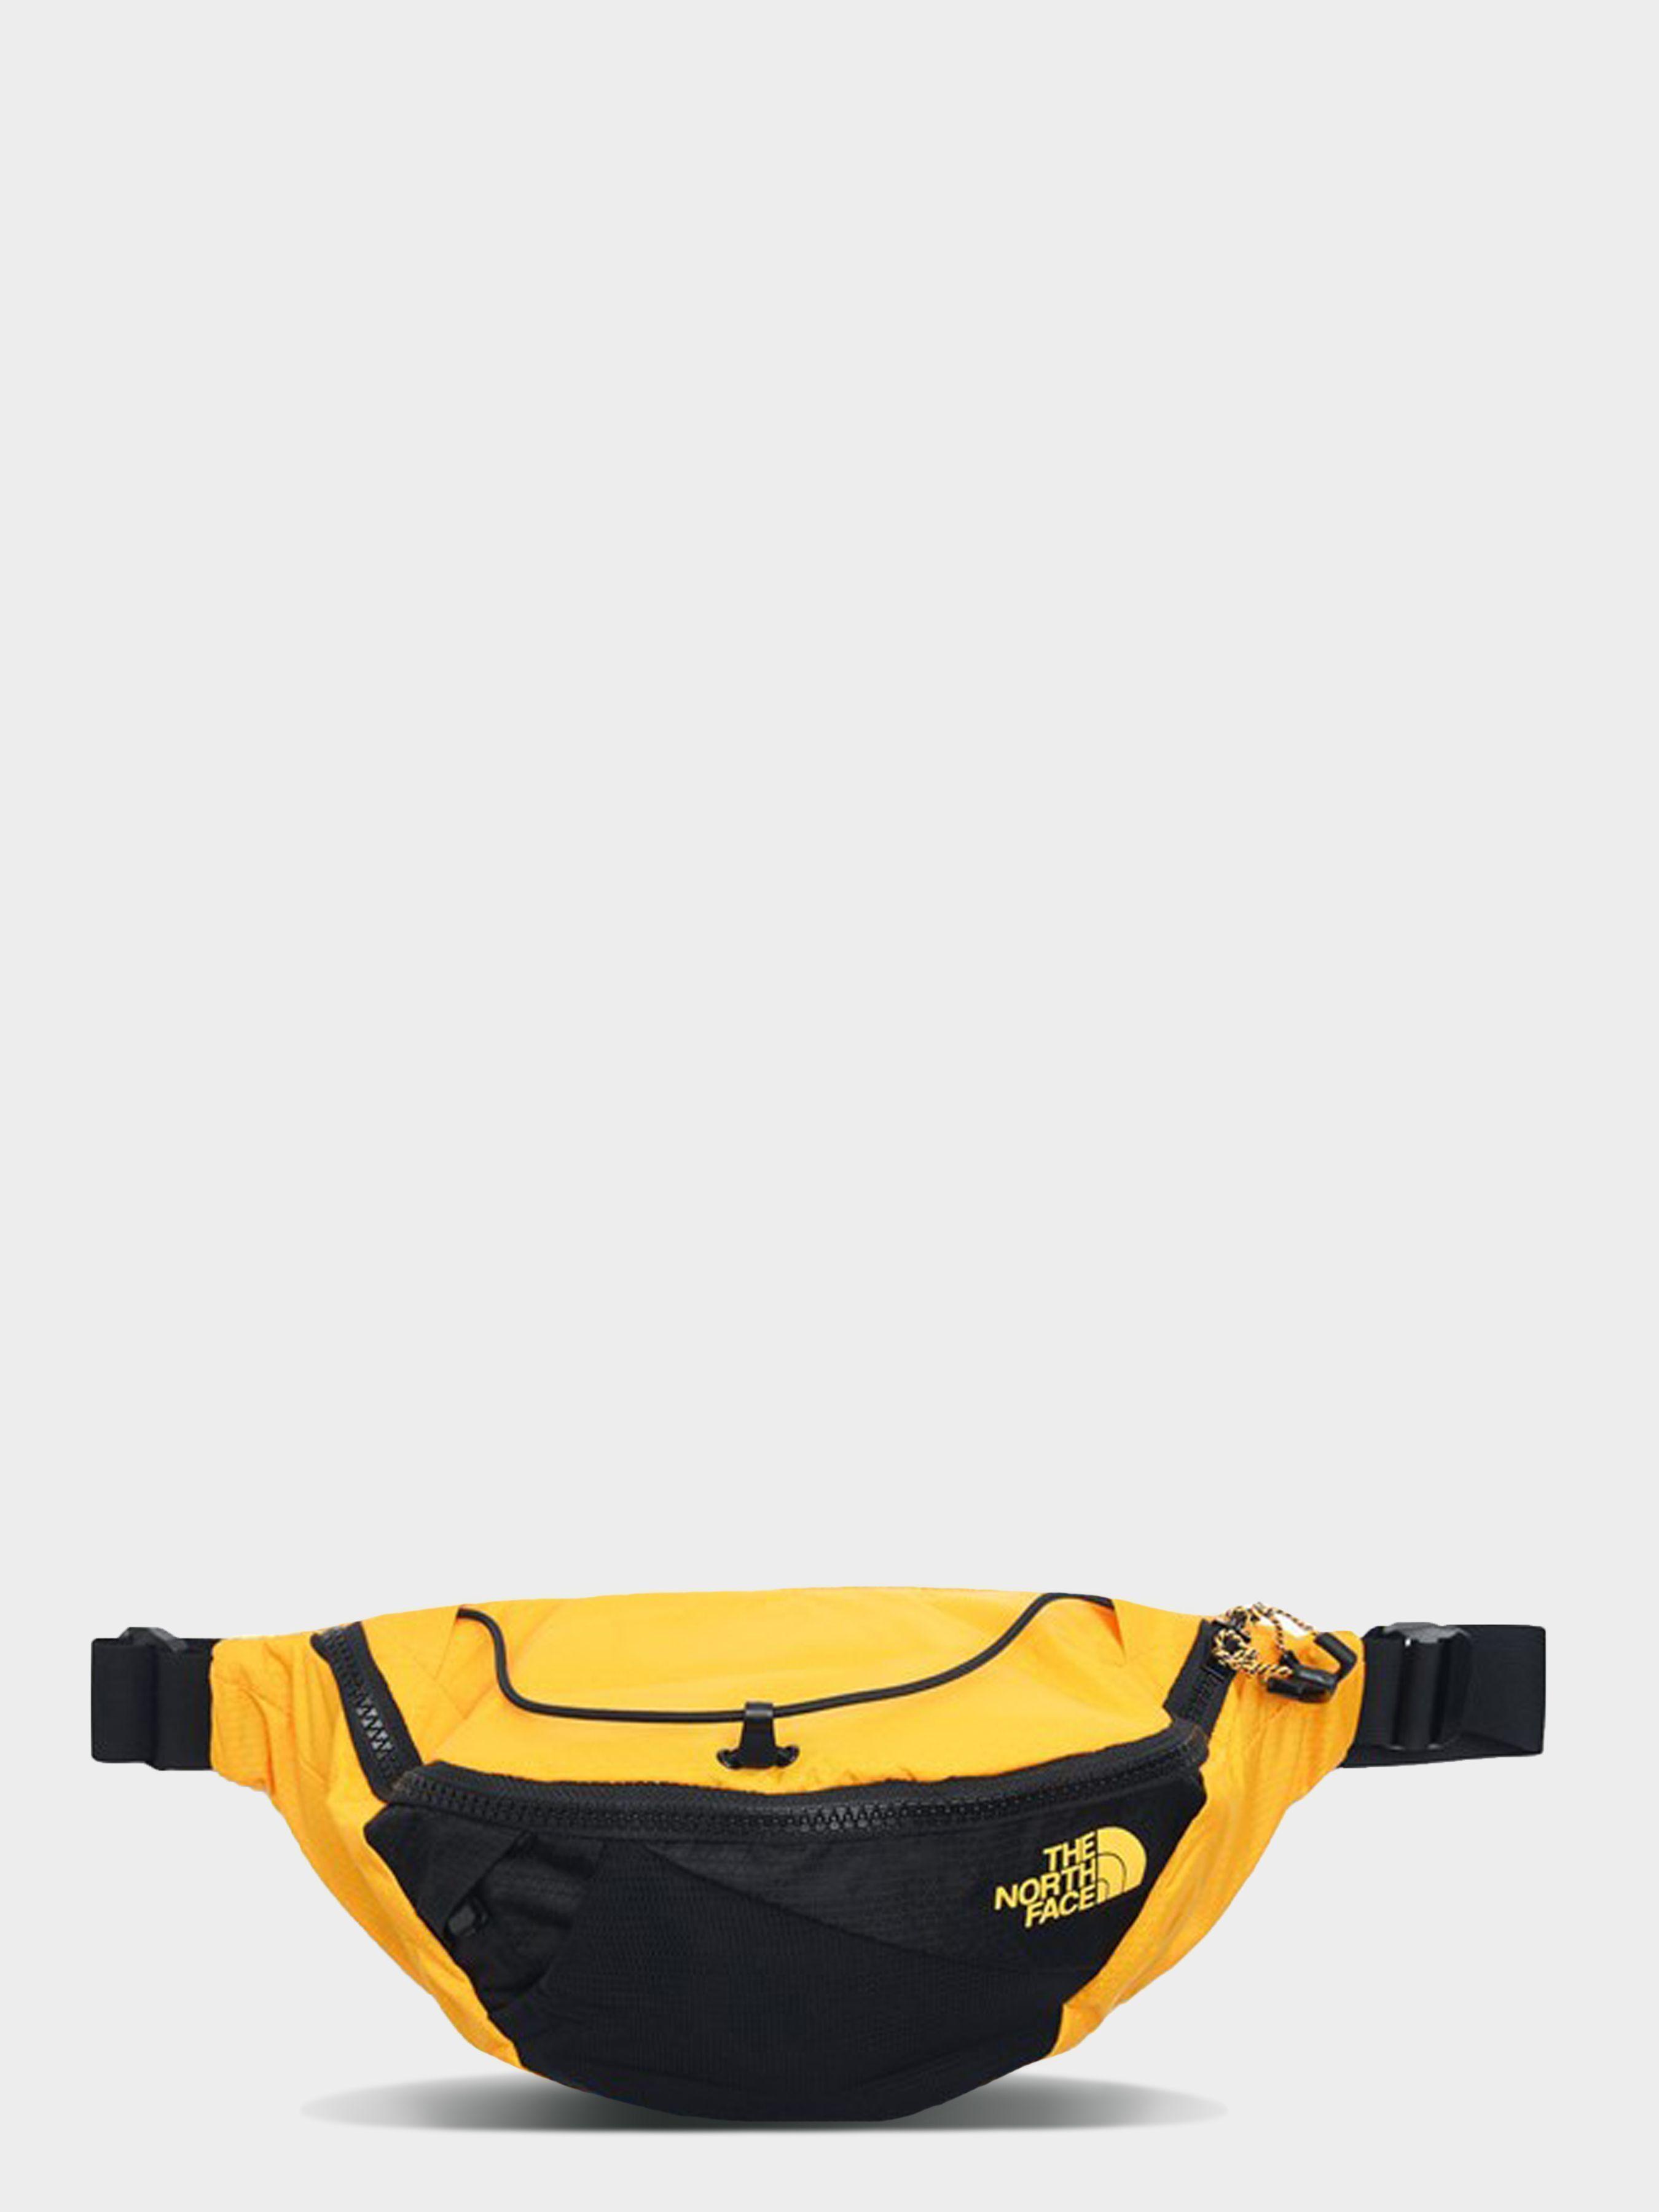 Купить Сумка на пояс модель XV117, The North Face, Желтый